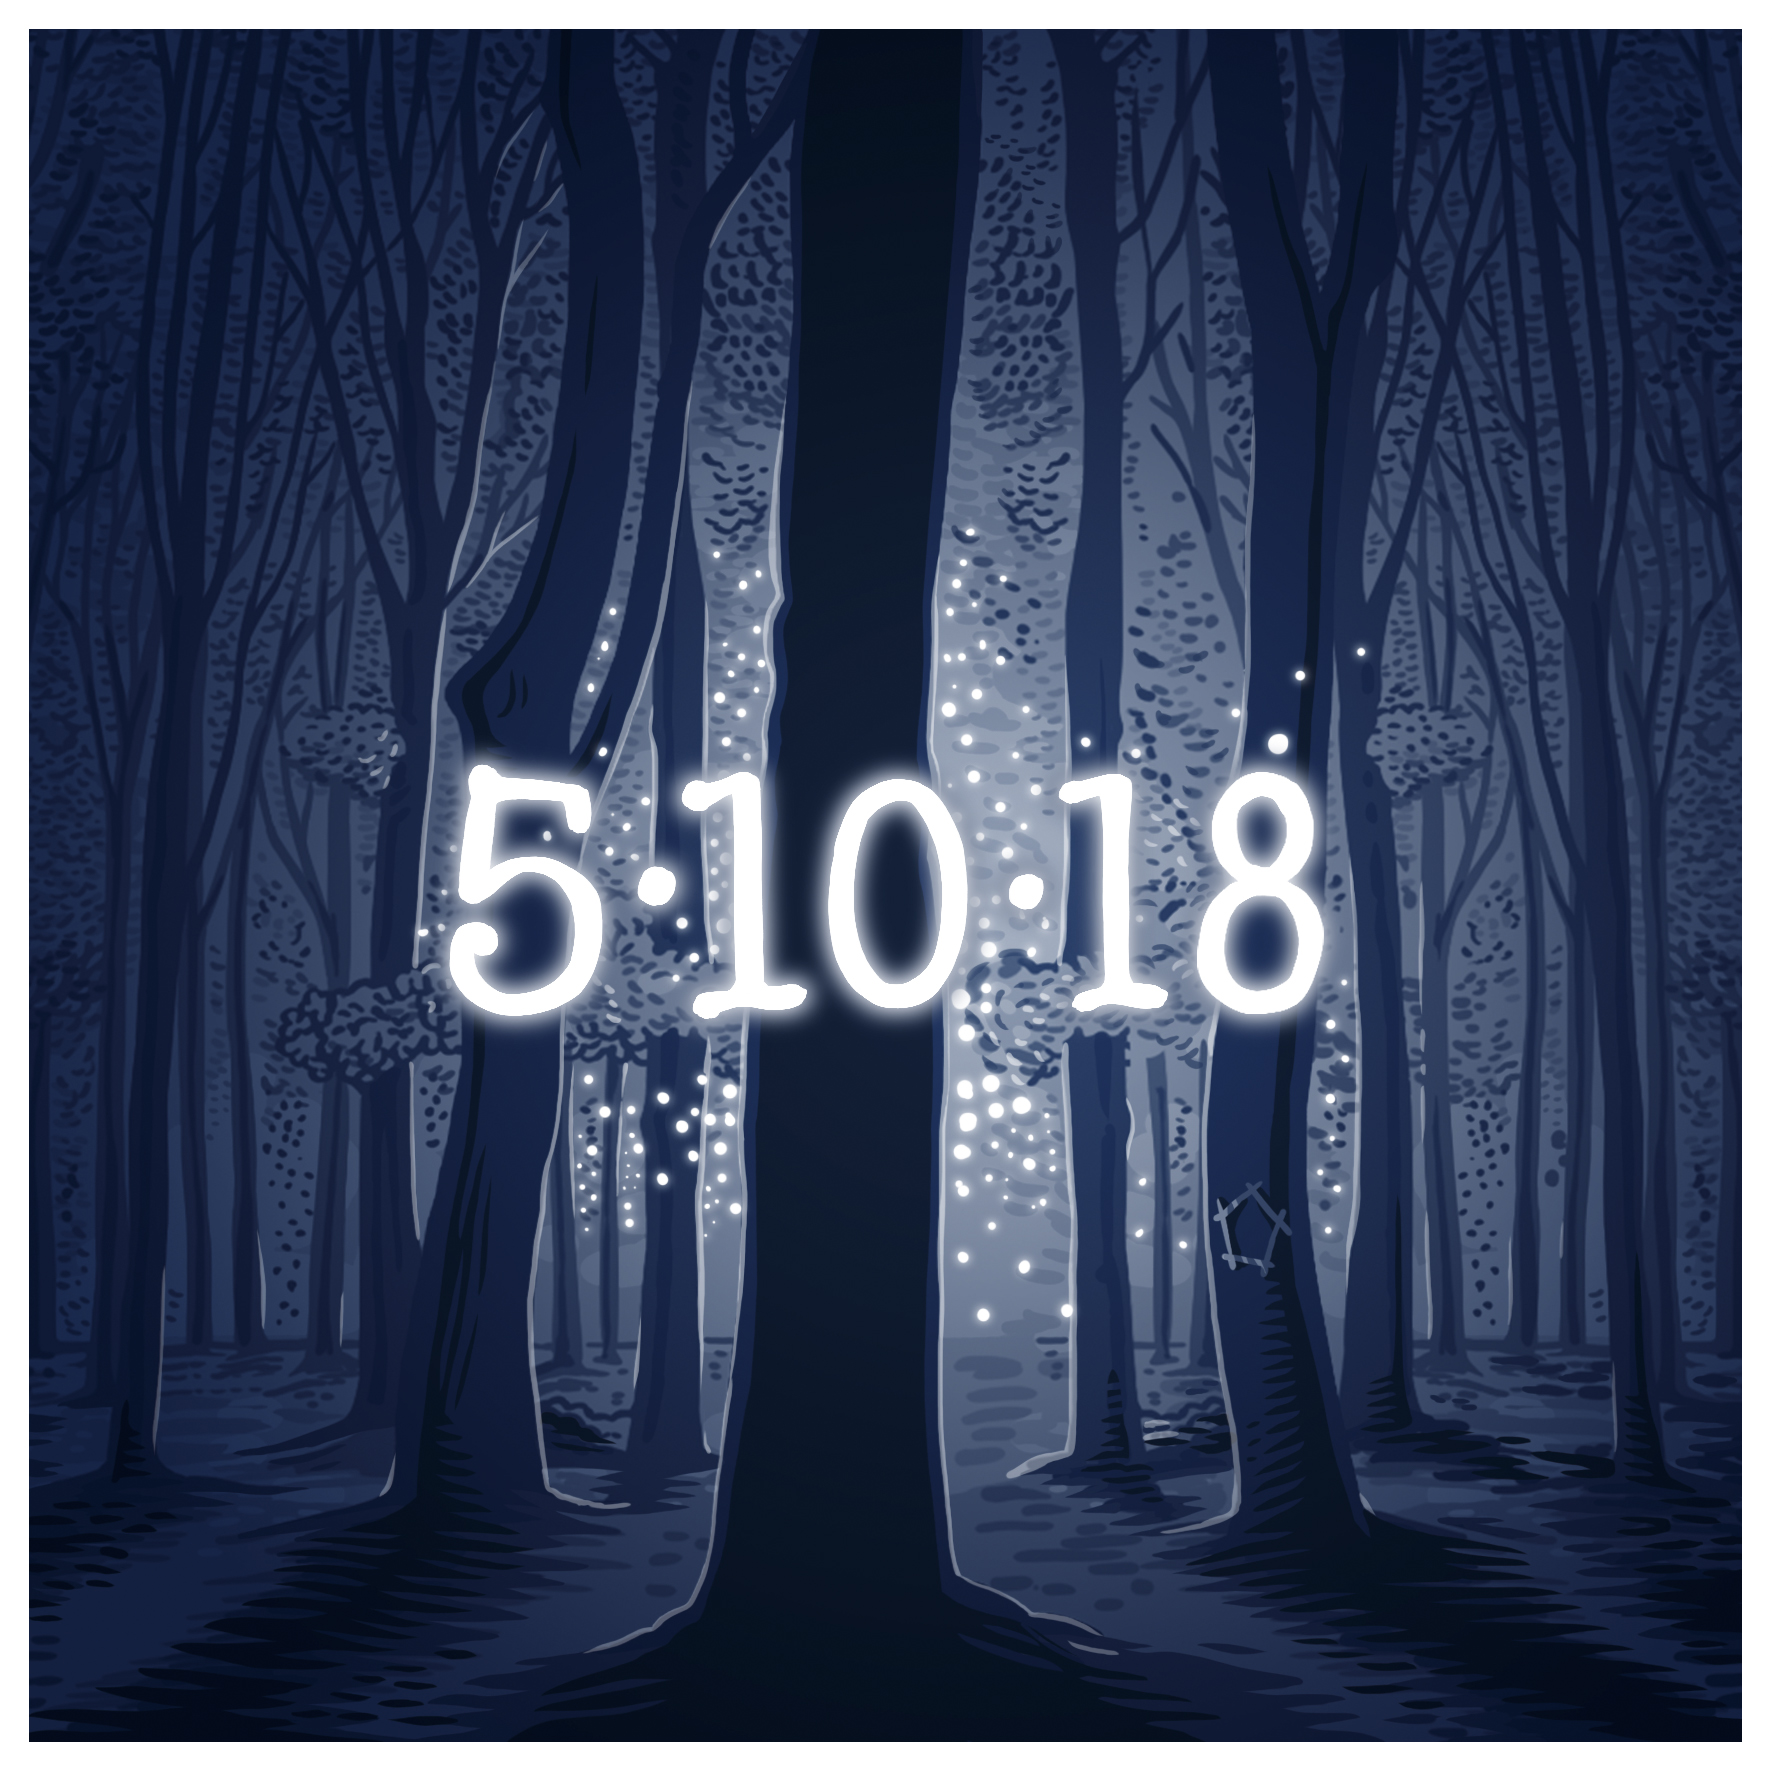 Fireflies_teaser